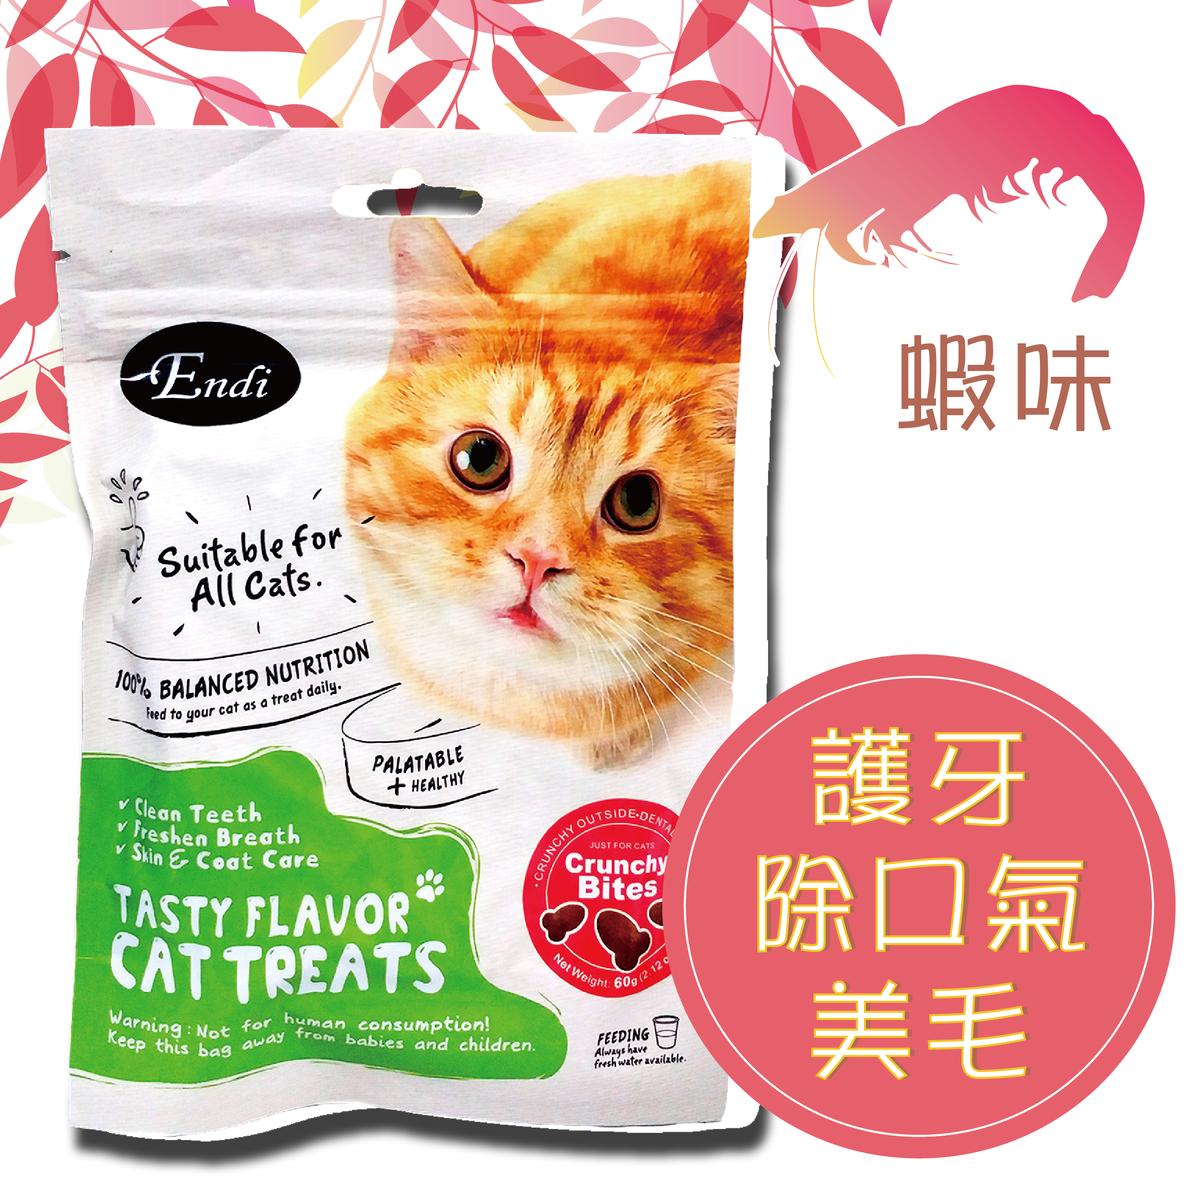 (愛迪) 潔齒美毛 健康貓小食 60g-鮮蝦味 (ENDI-1888)